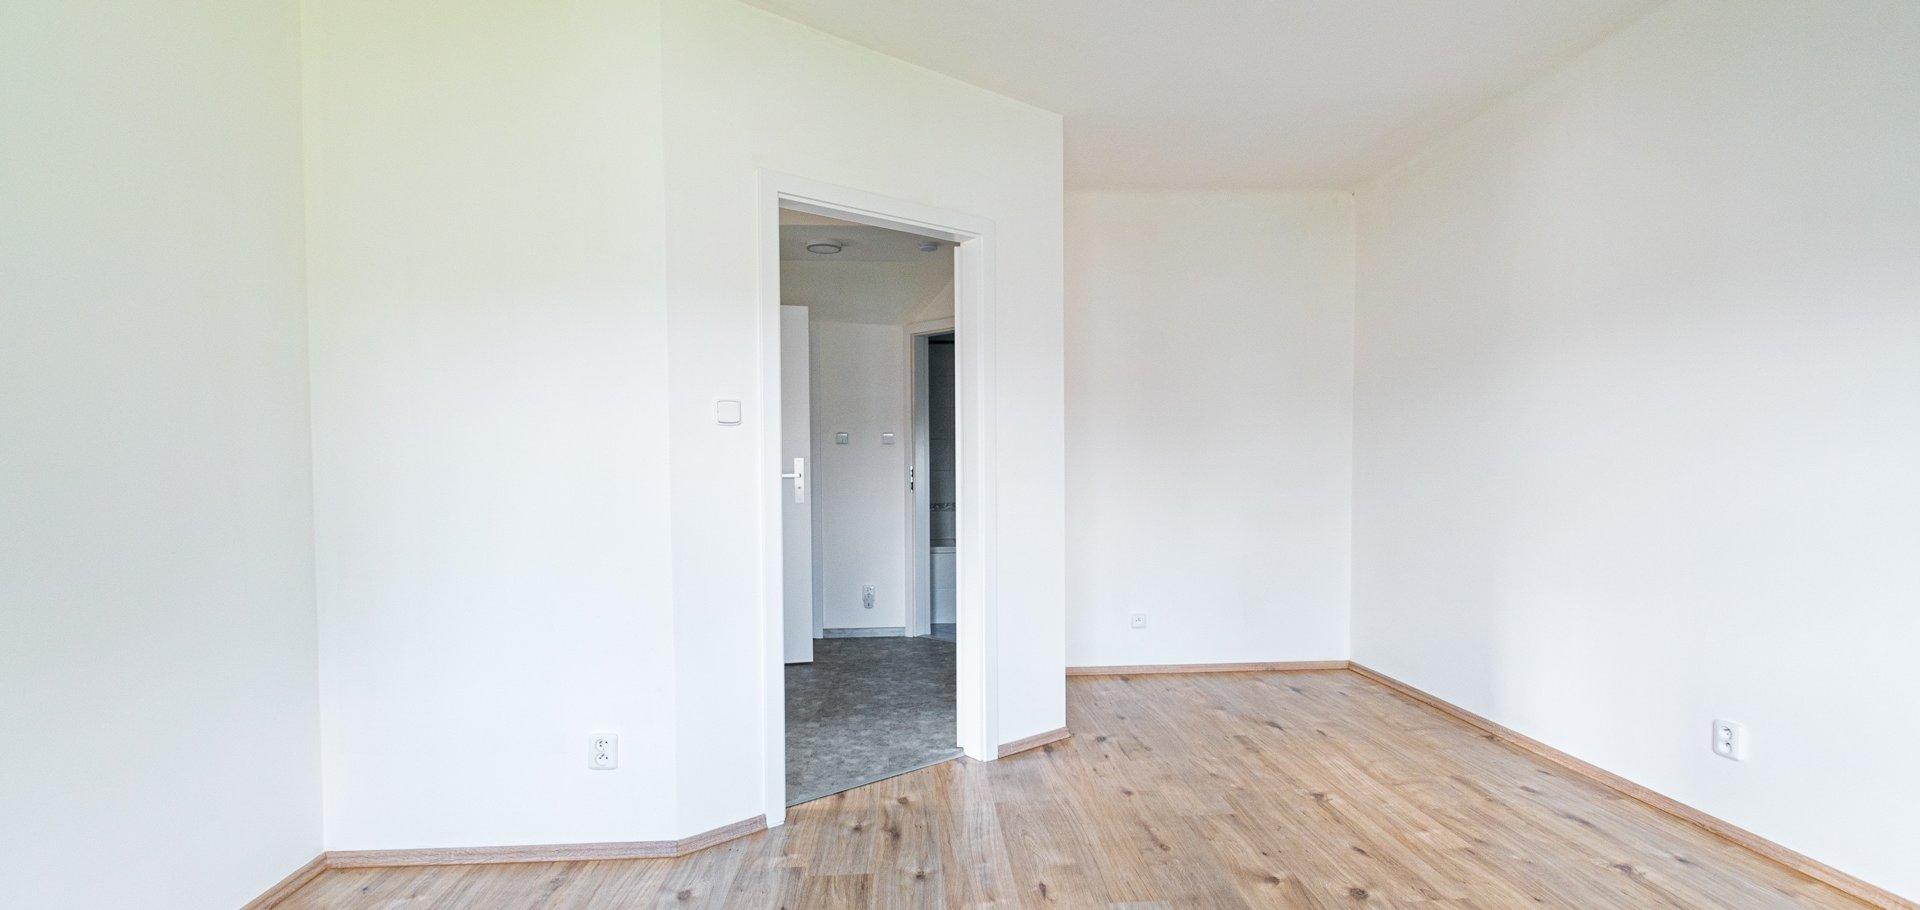 Pronájem, Byty 2+kk, 52m²  se zahrádkou - Praha - Dolní Měcholupy